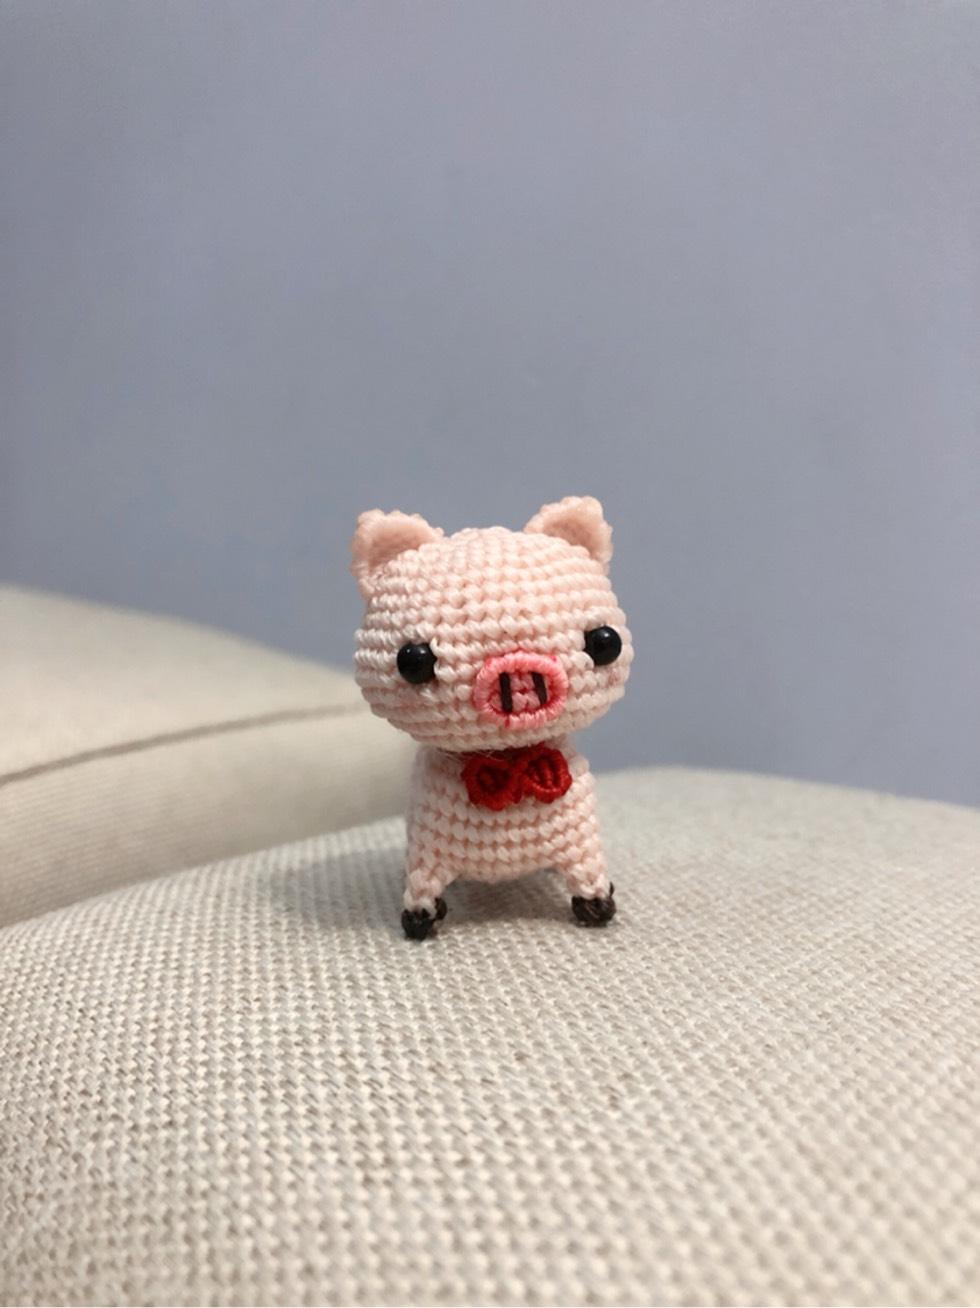 中国结论坛 十二生肖-小猪 小猪,斜卷结动物 作品展示 002837wnofr9uckvzrn1fu